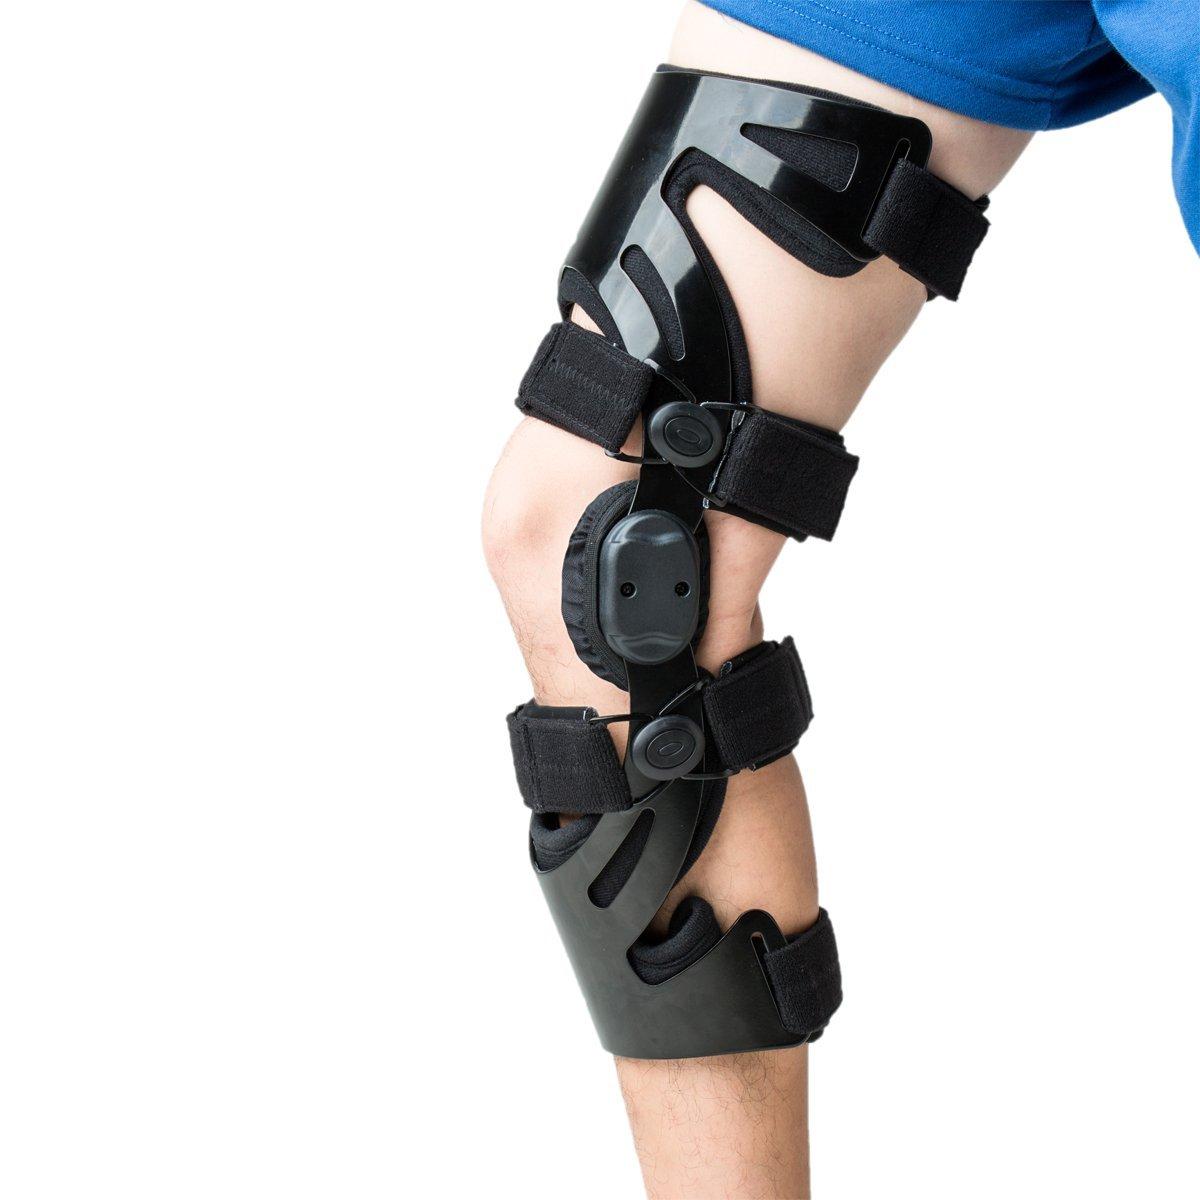 Orthomen Functional Knee Brace.